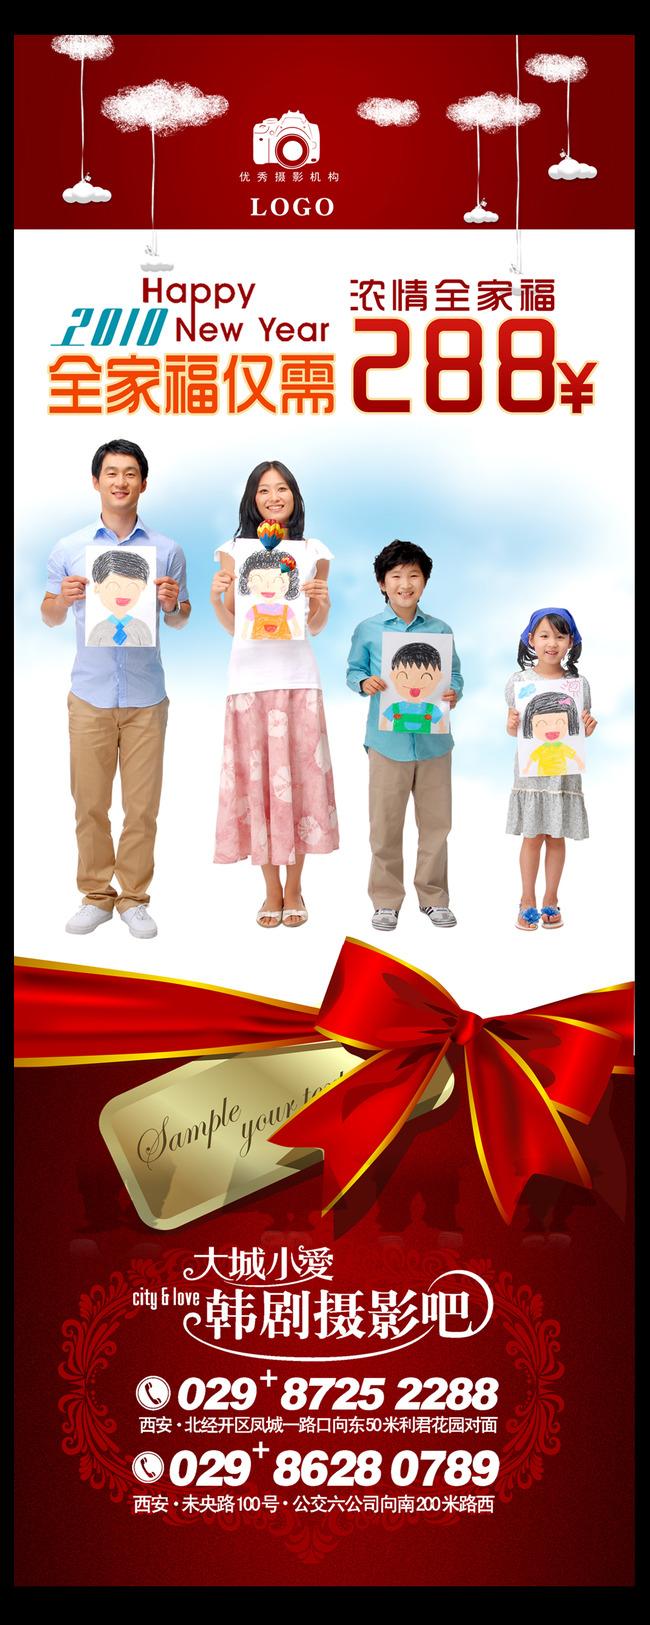 平面设计 宣传单 婚纱影楼宣传单 > 婚纱影楼全家福促销广告海报x展架